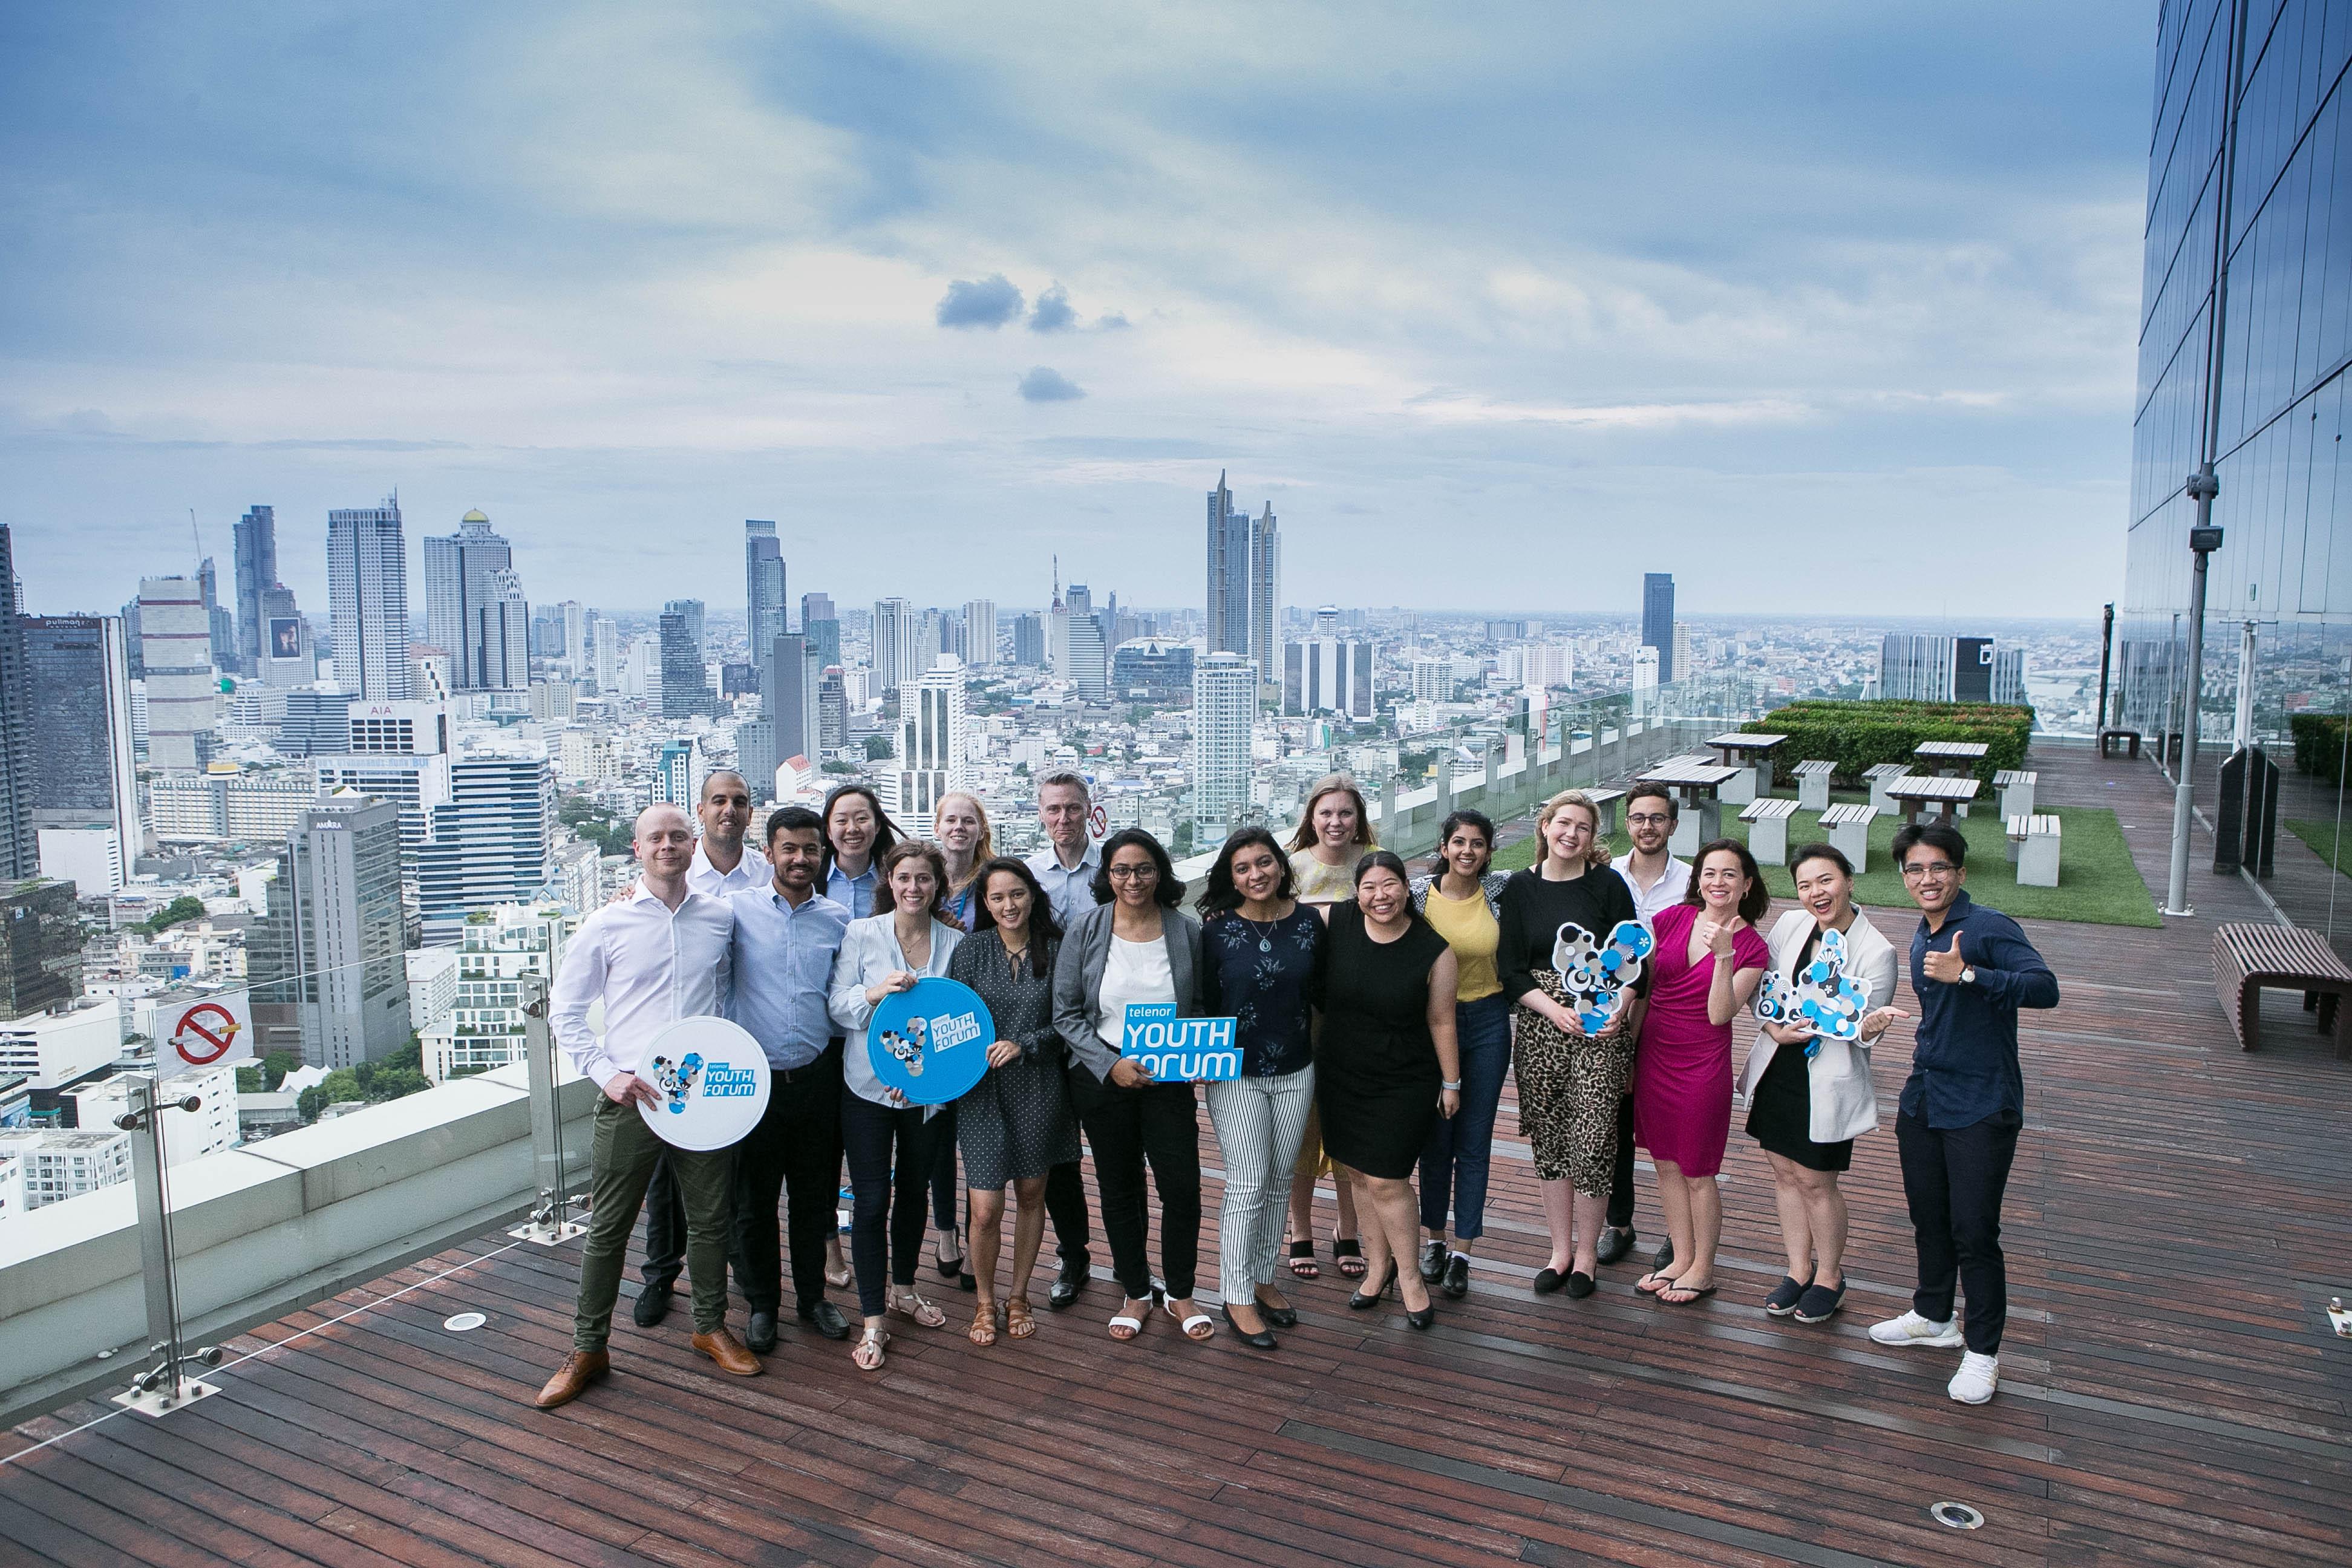 ดีแทคจัดงาน Telenor Youth Forum รอบไฟนอล เฟ้นหาสุดยอดโปรเจ็คจากตัวแทนประเทศไทย เอเชีย และยุโรป